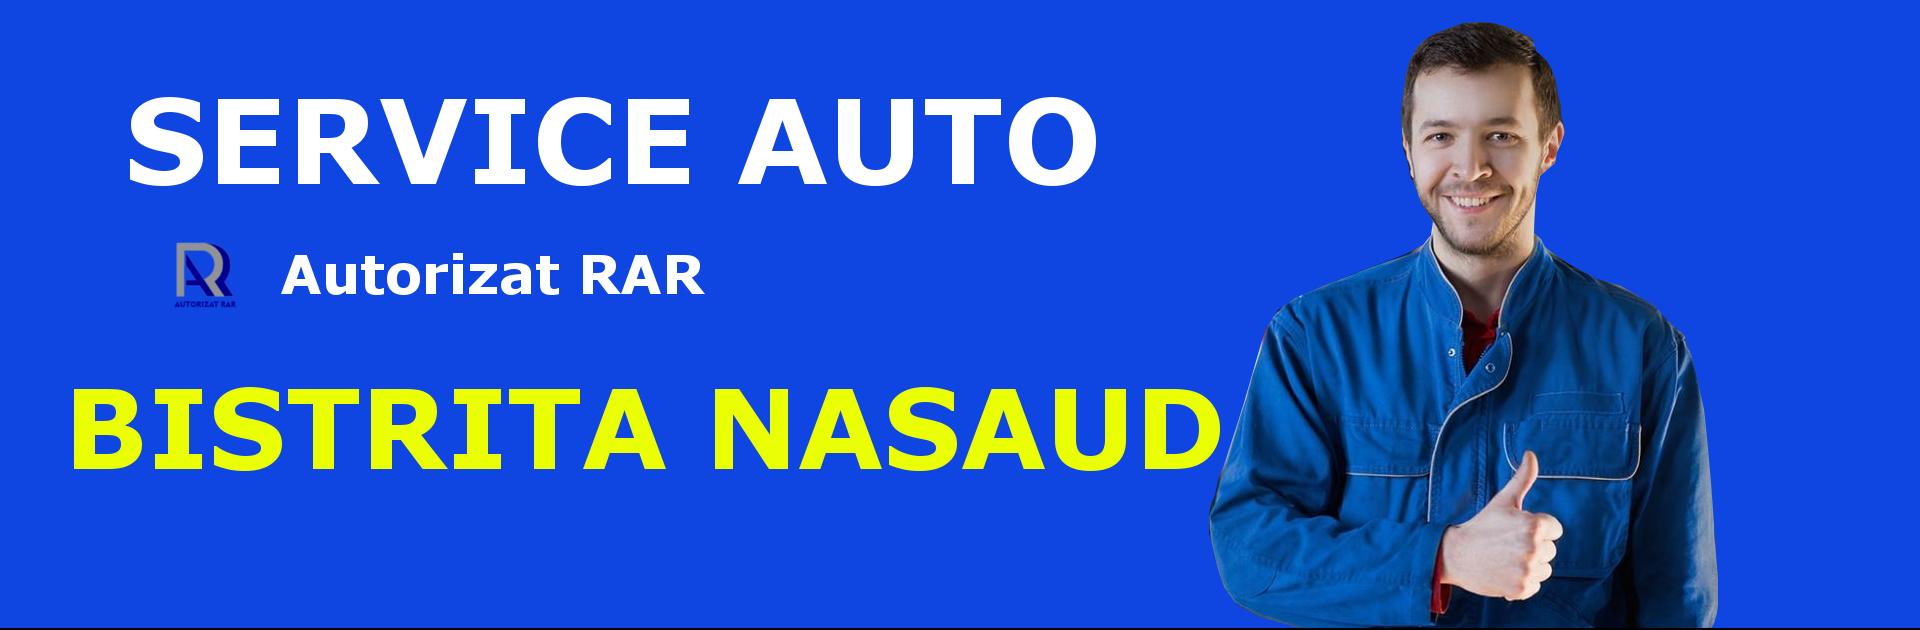 Banner service BISTRITA NASAUD